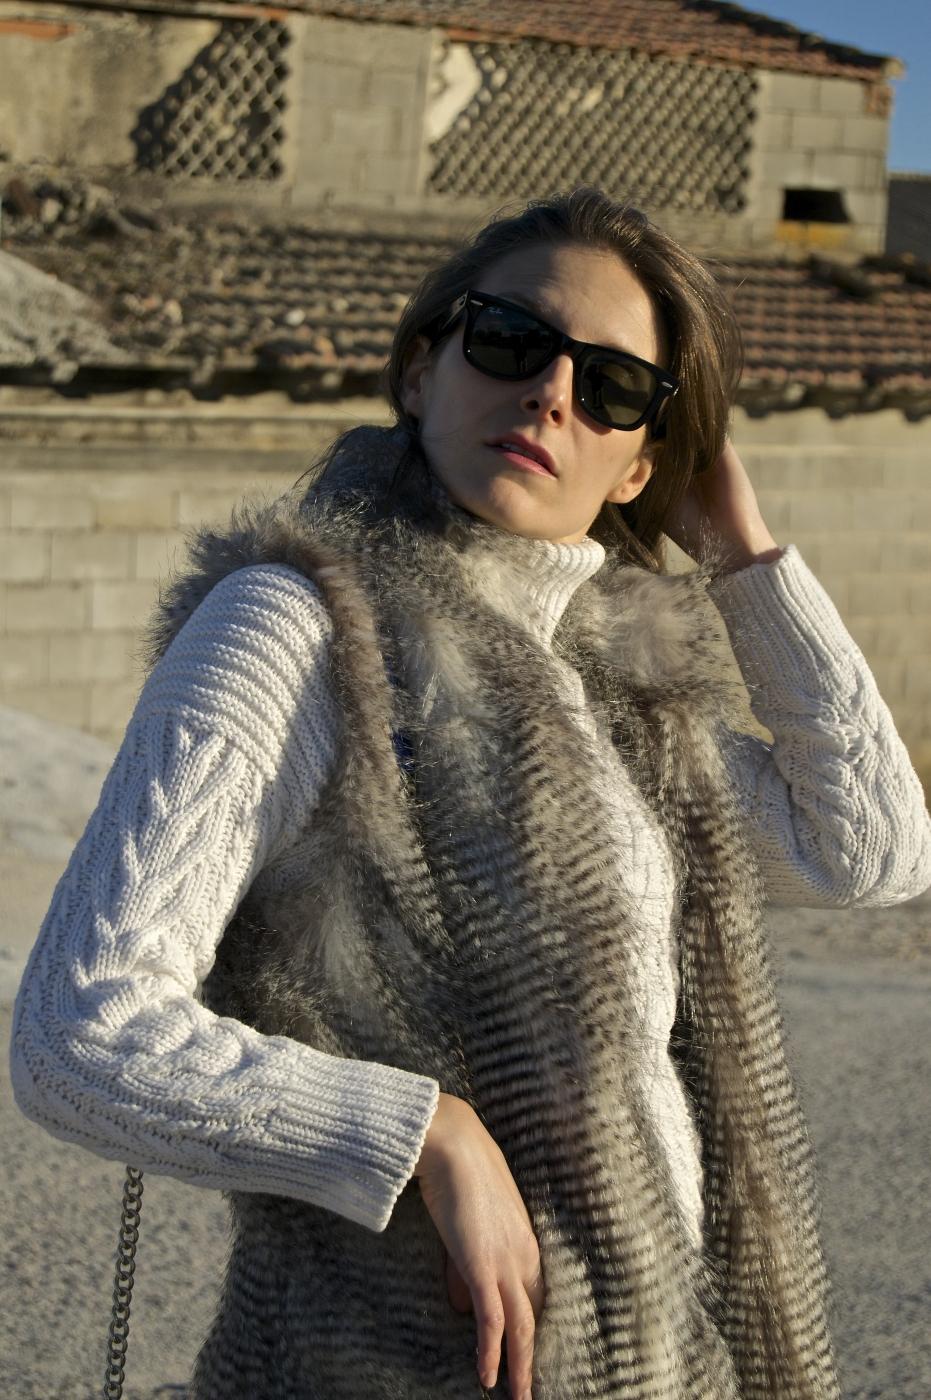 lara-vazquez-mad-lula-style-look-ootd-winter